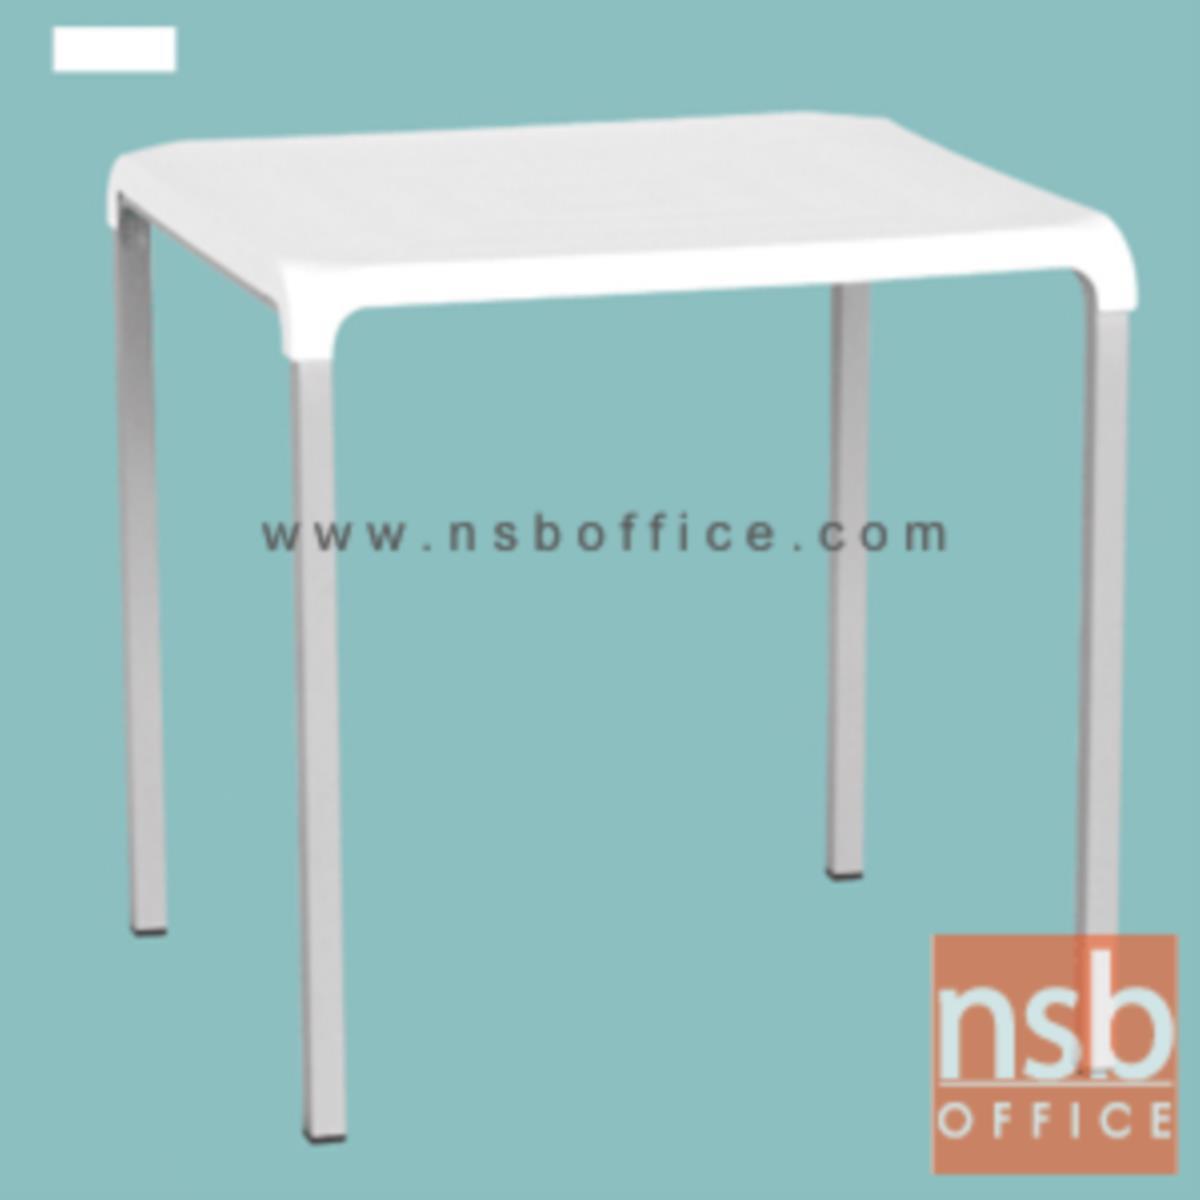 โต๊ะหน้าพลาสติก(ABS) รุ่น PP9448  ขนาด 72W cm.  ขาเหล็กพ่นเทา(PP)